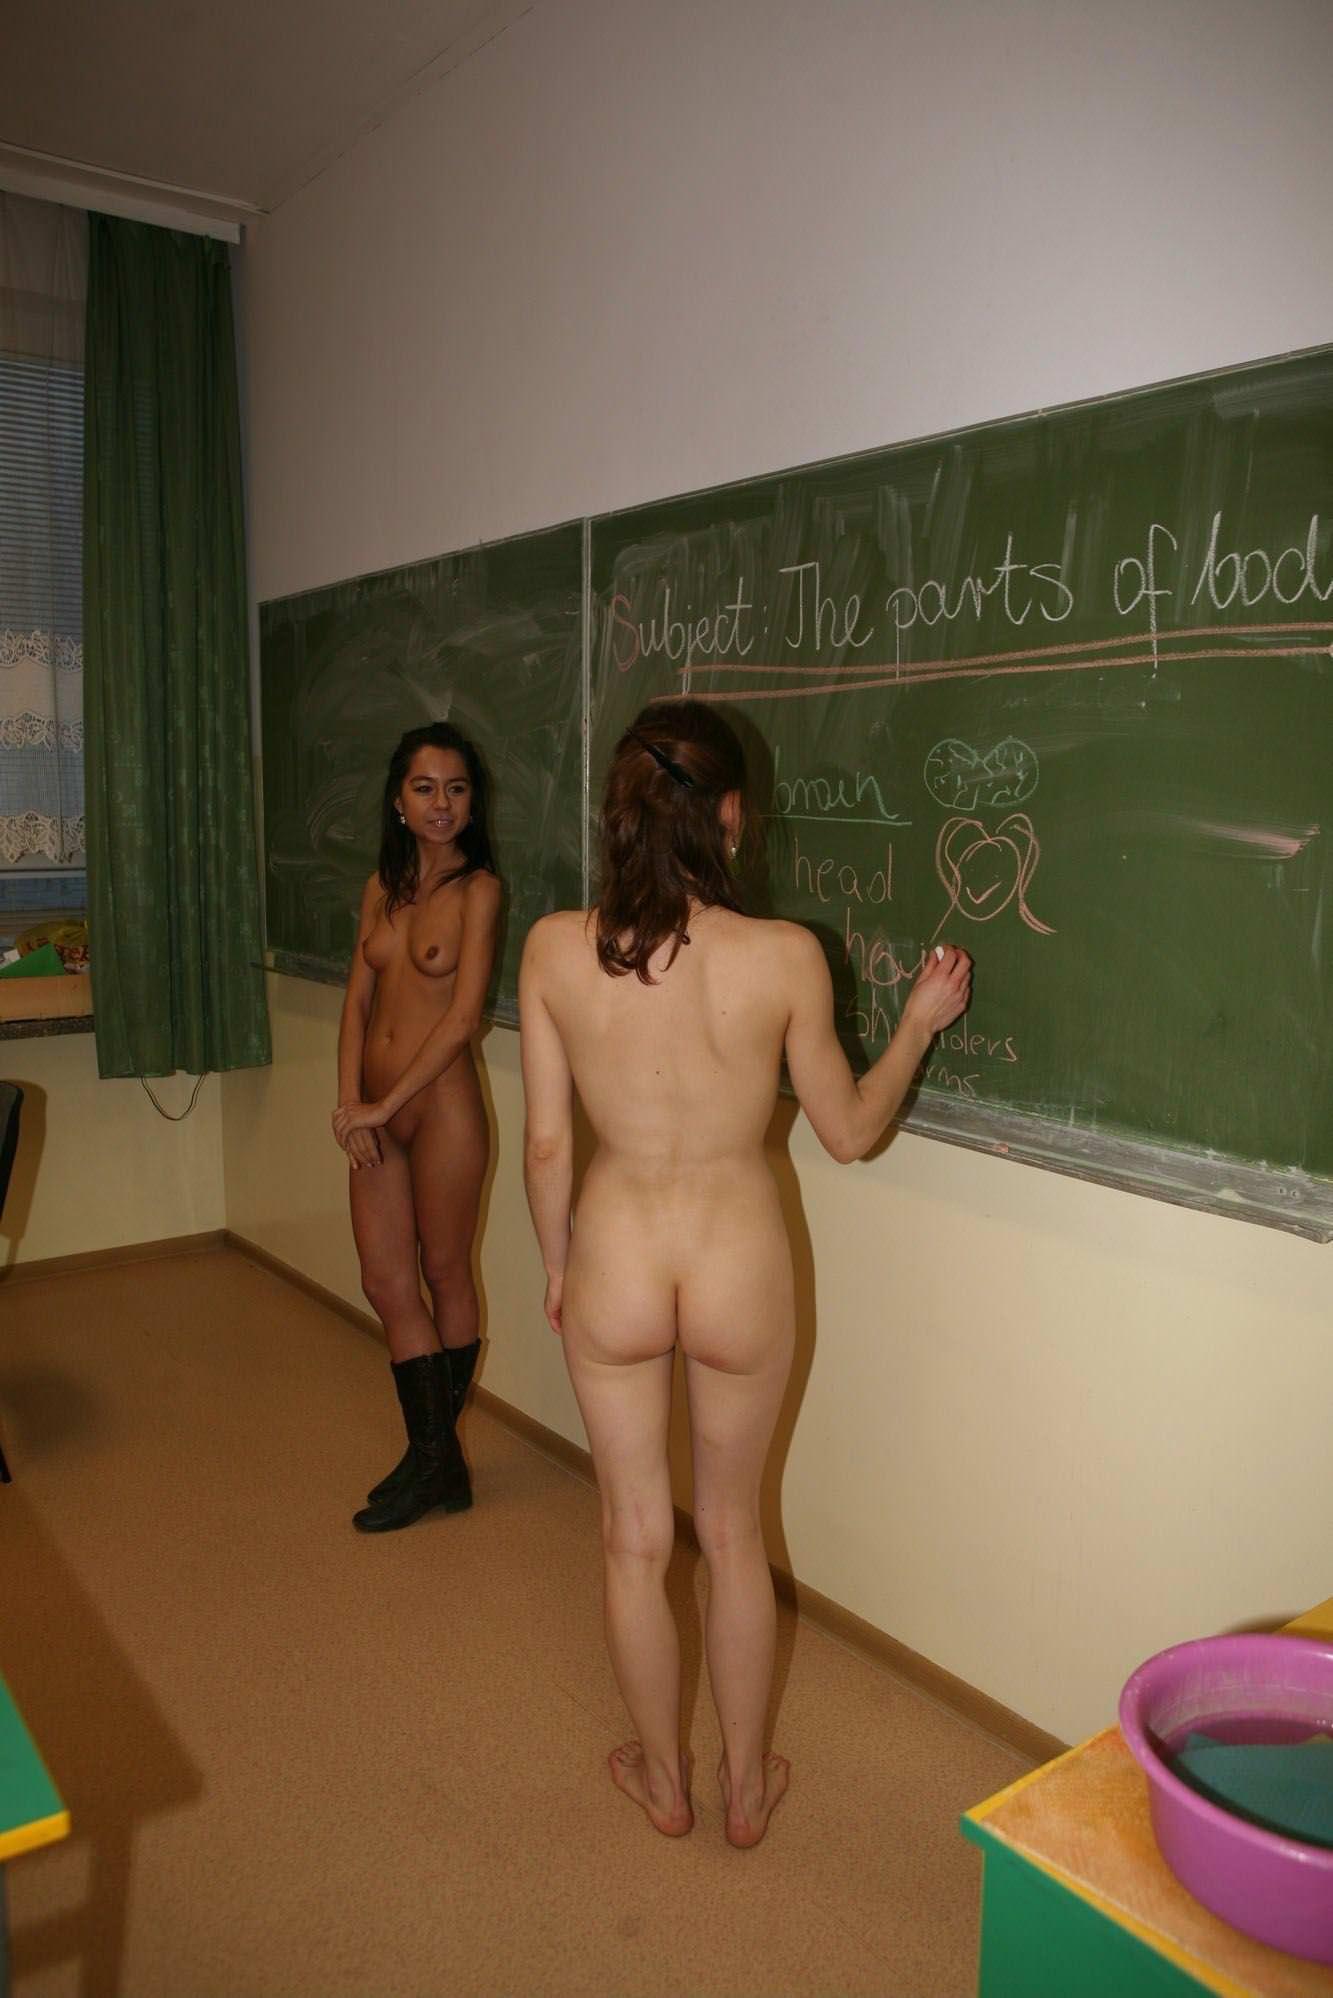 【外人】素っ裸のオールヌードで授業を受けるクラスのおふざけポルノ画像 19164